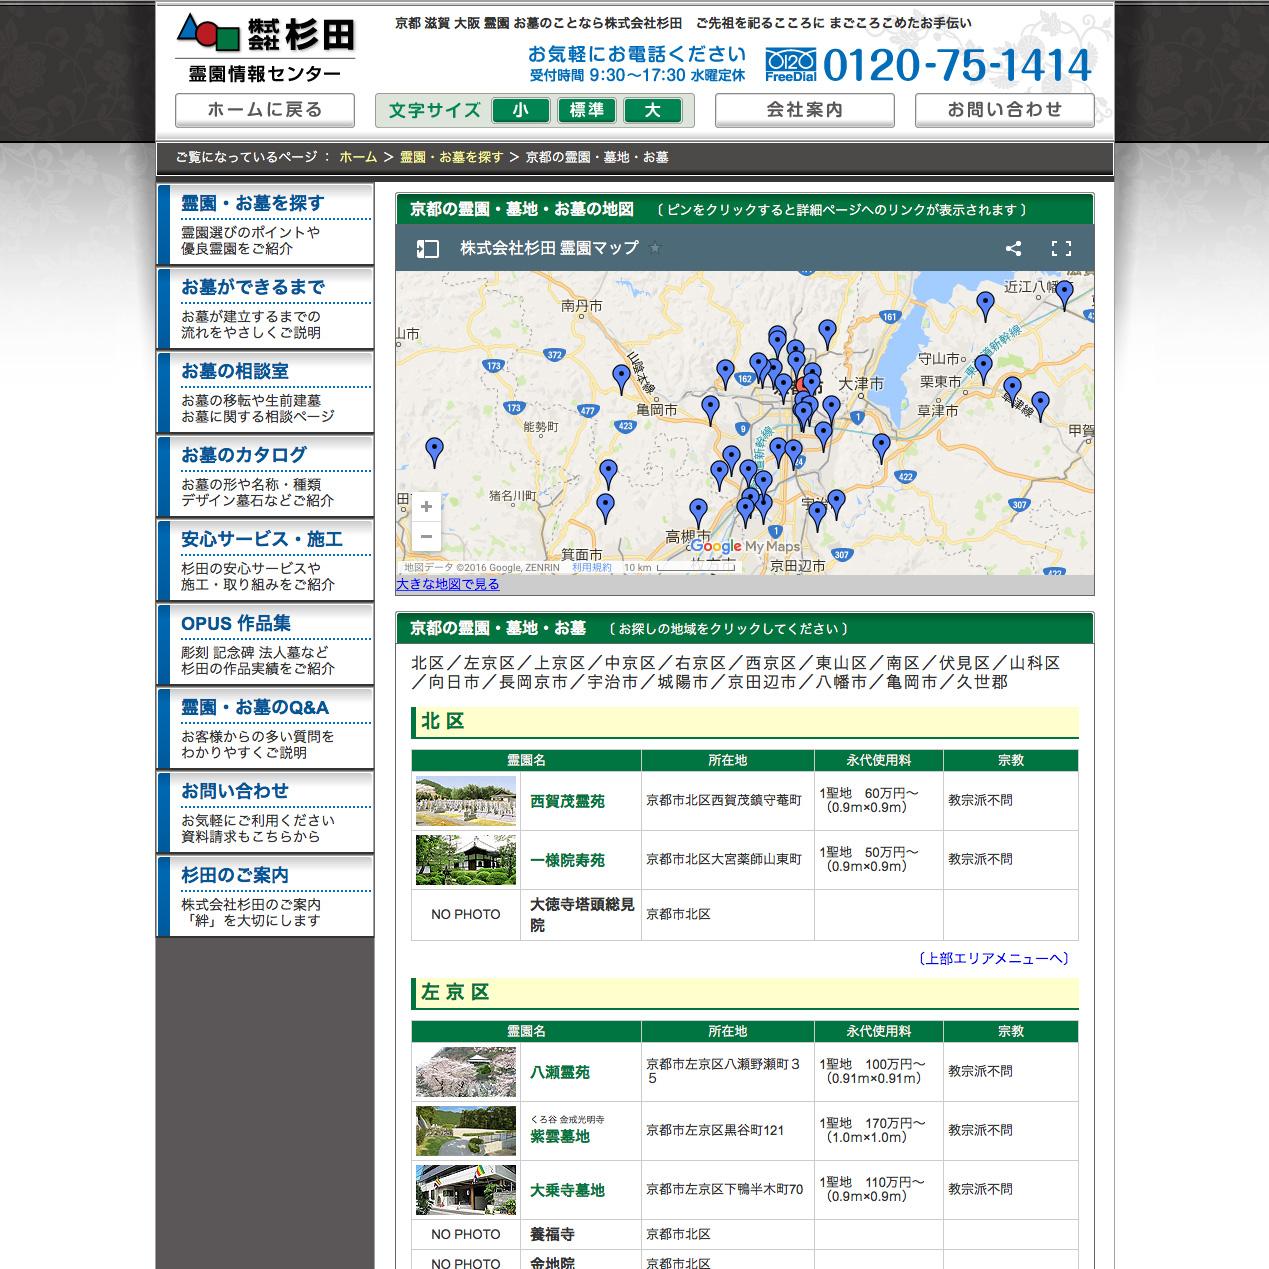 株式会社 杉田の霊園マップページ